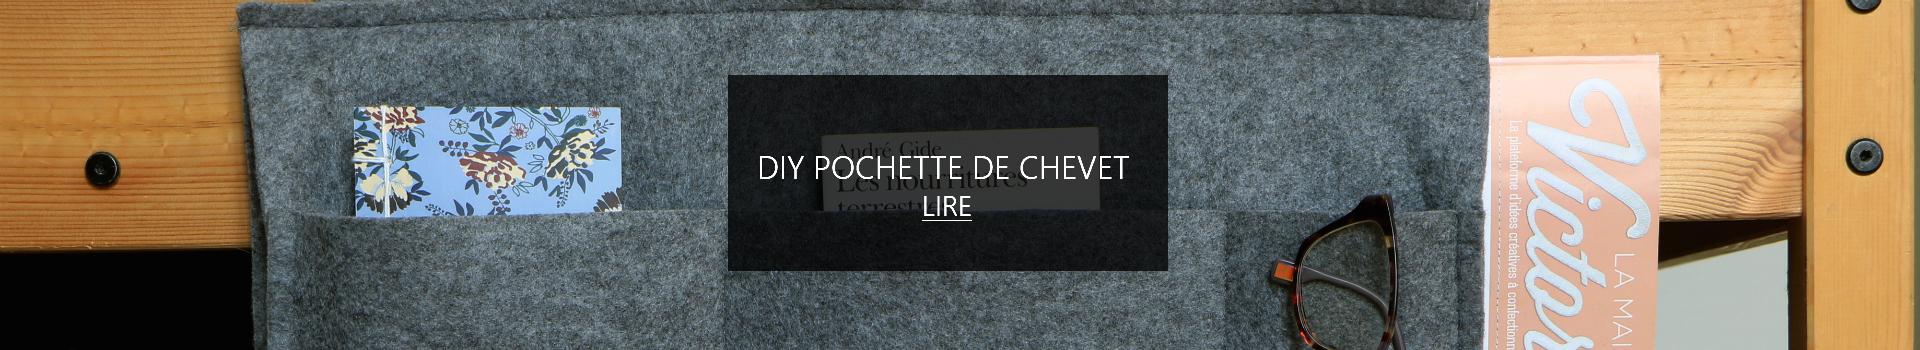 Chez Lisette DIY Pochette chevet slider